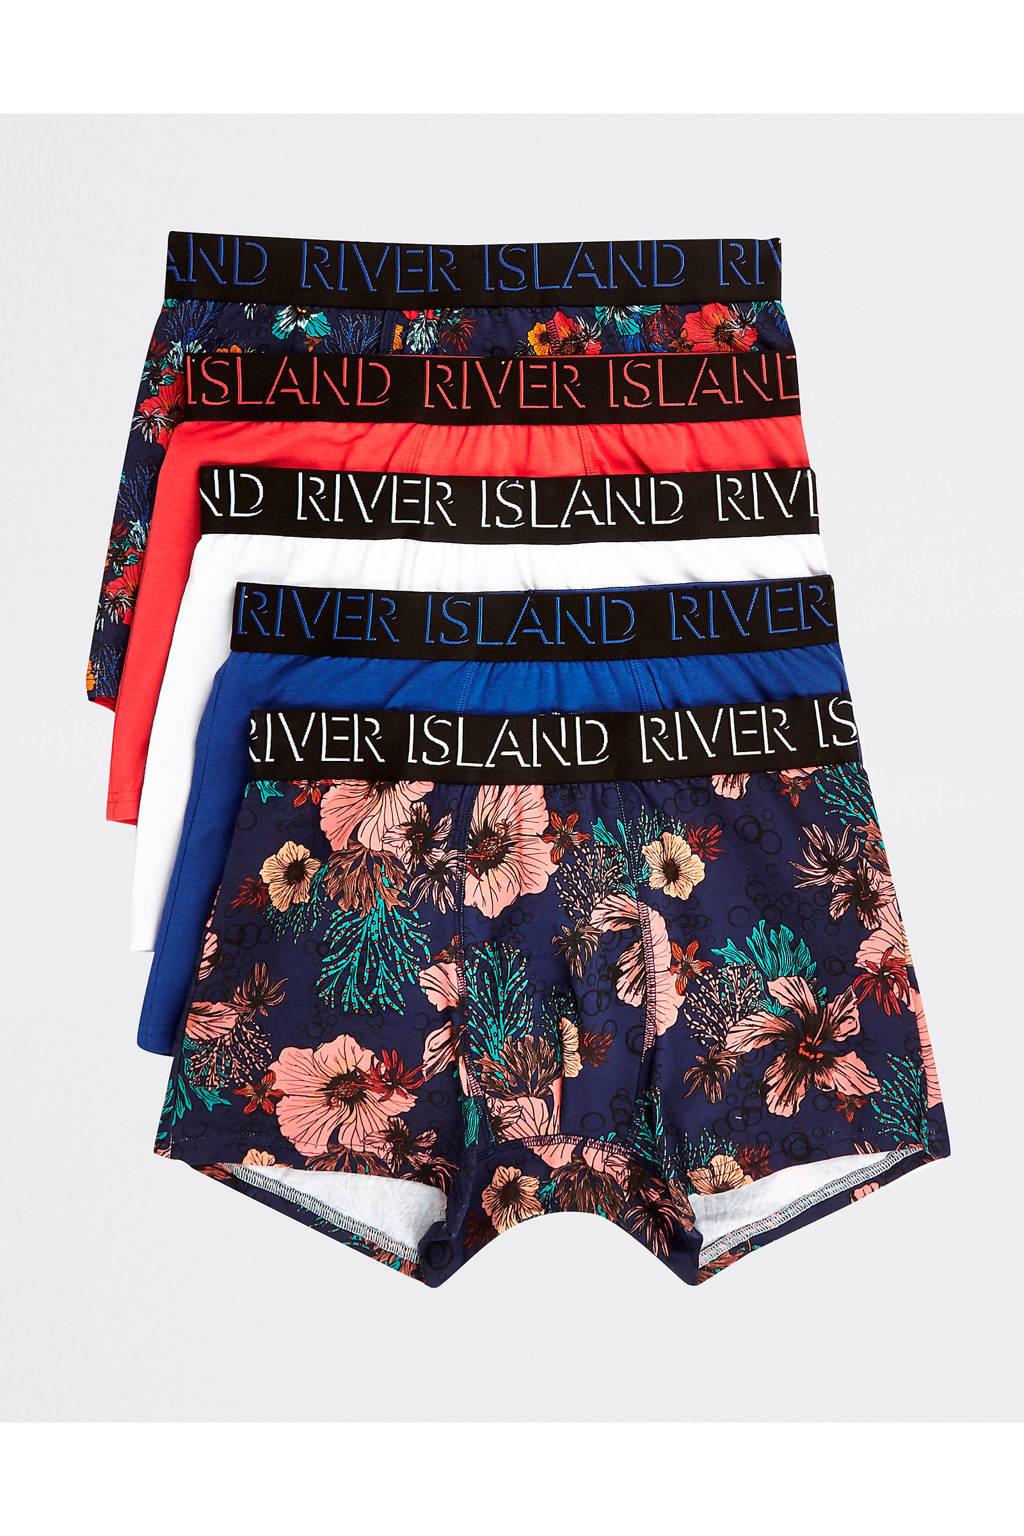 River Island boxershort - set van 5, Rood/ blauw/ wit